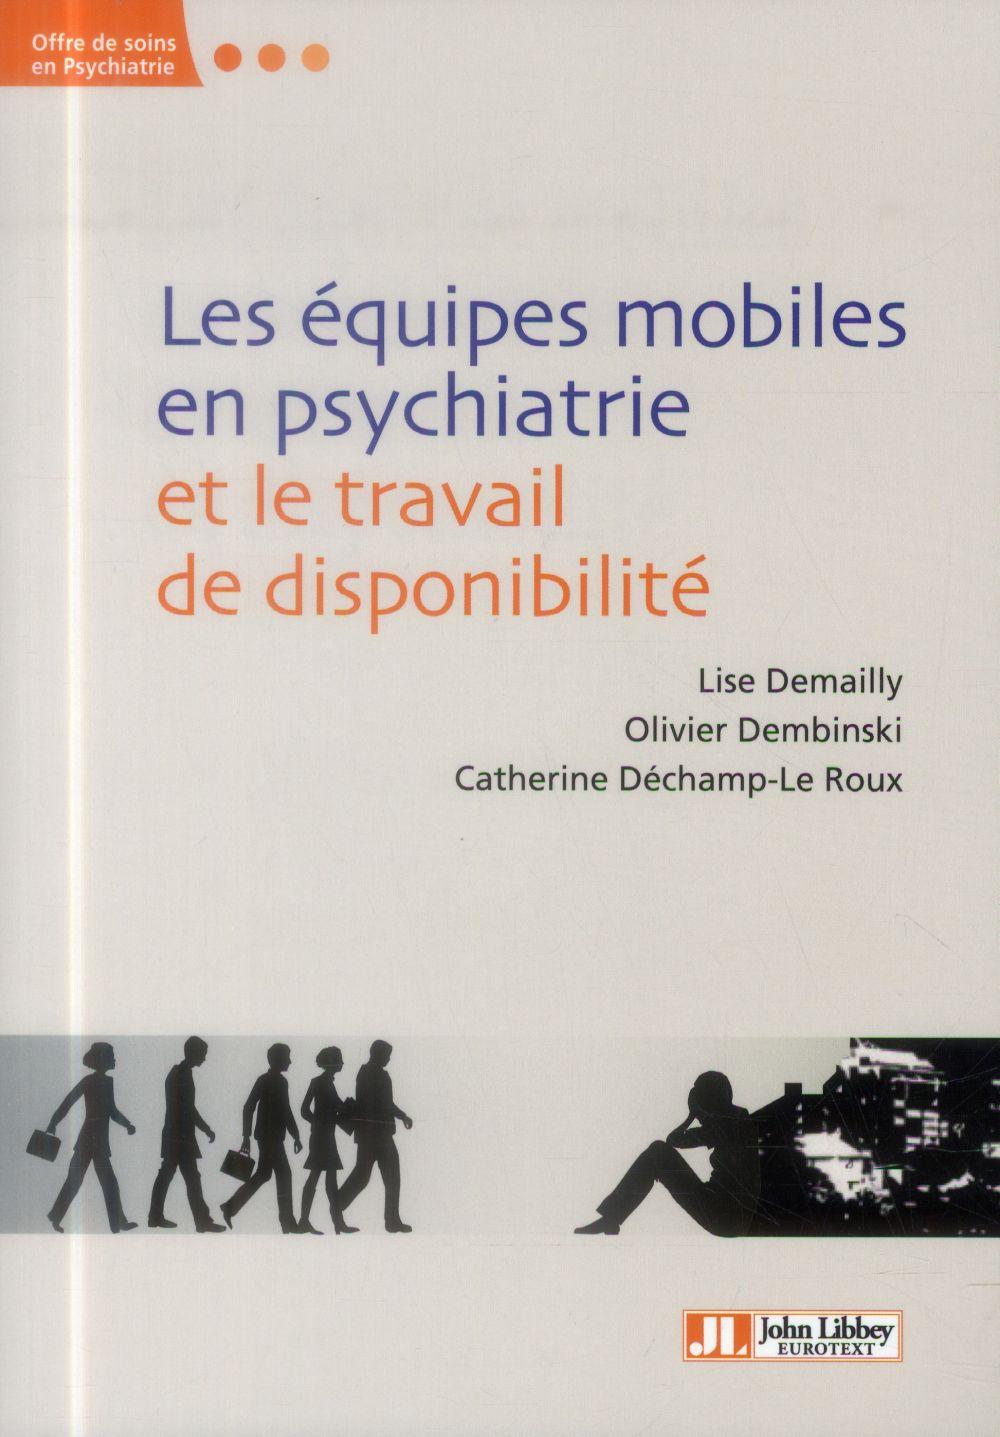 LES EQUIPES MOBILES EN PSYCHIATRIE ET LE TRAVAIL DE DISPONIBILITE - MODALITES ET ENJEUX D'UNE INNOVA